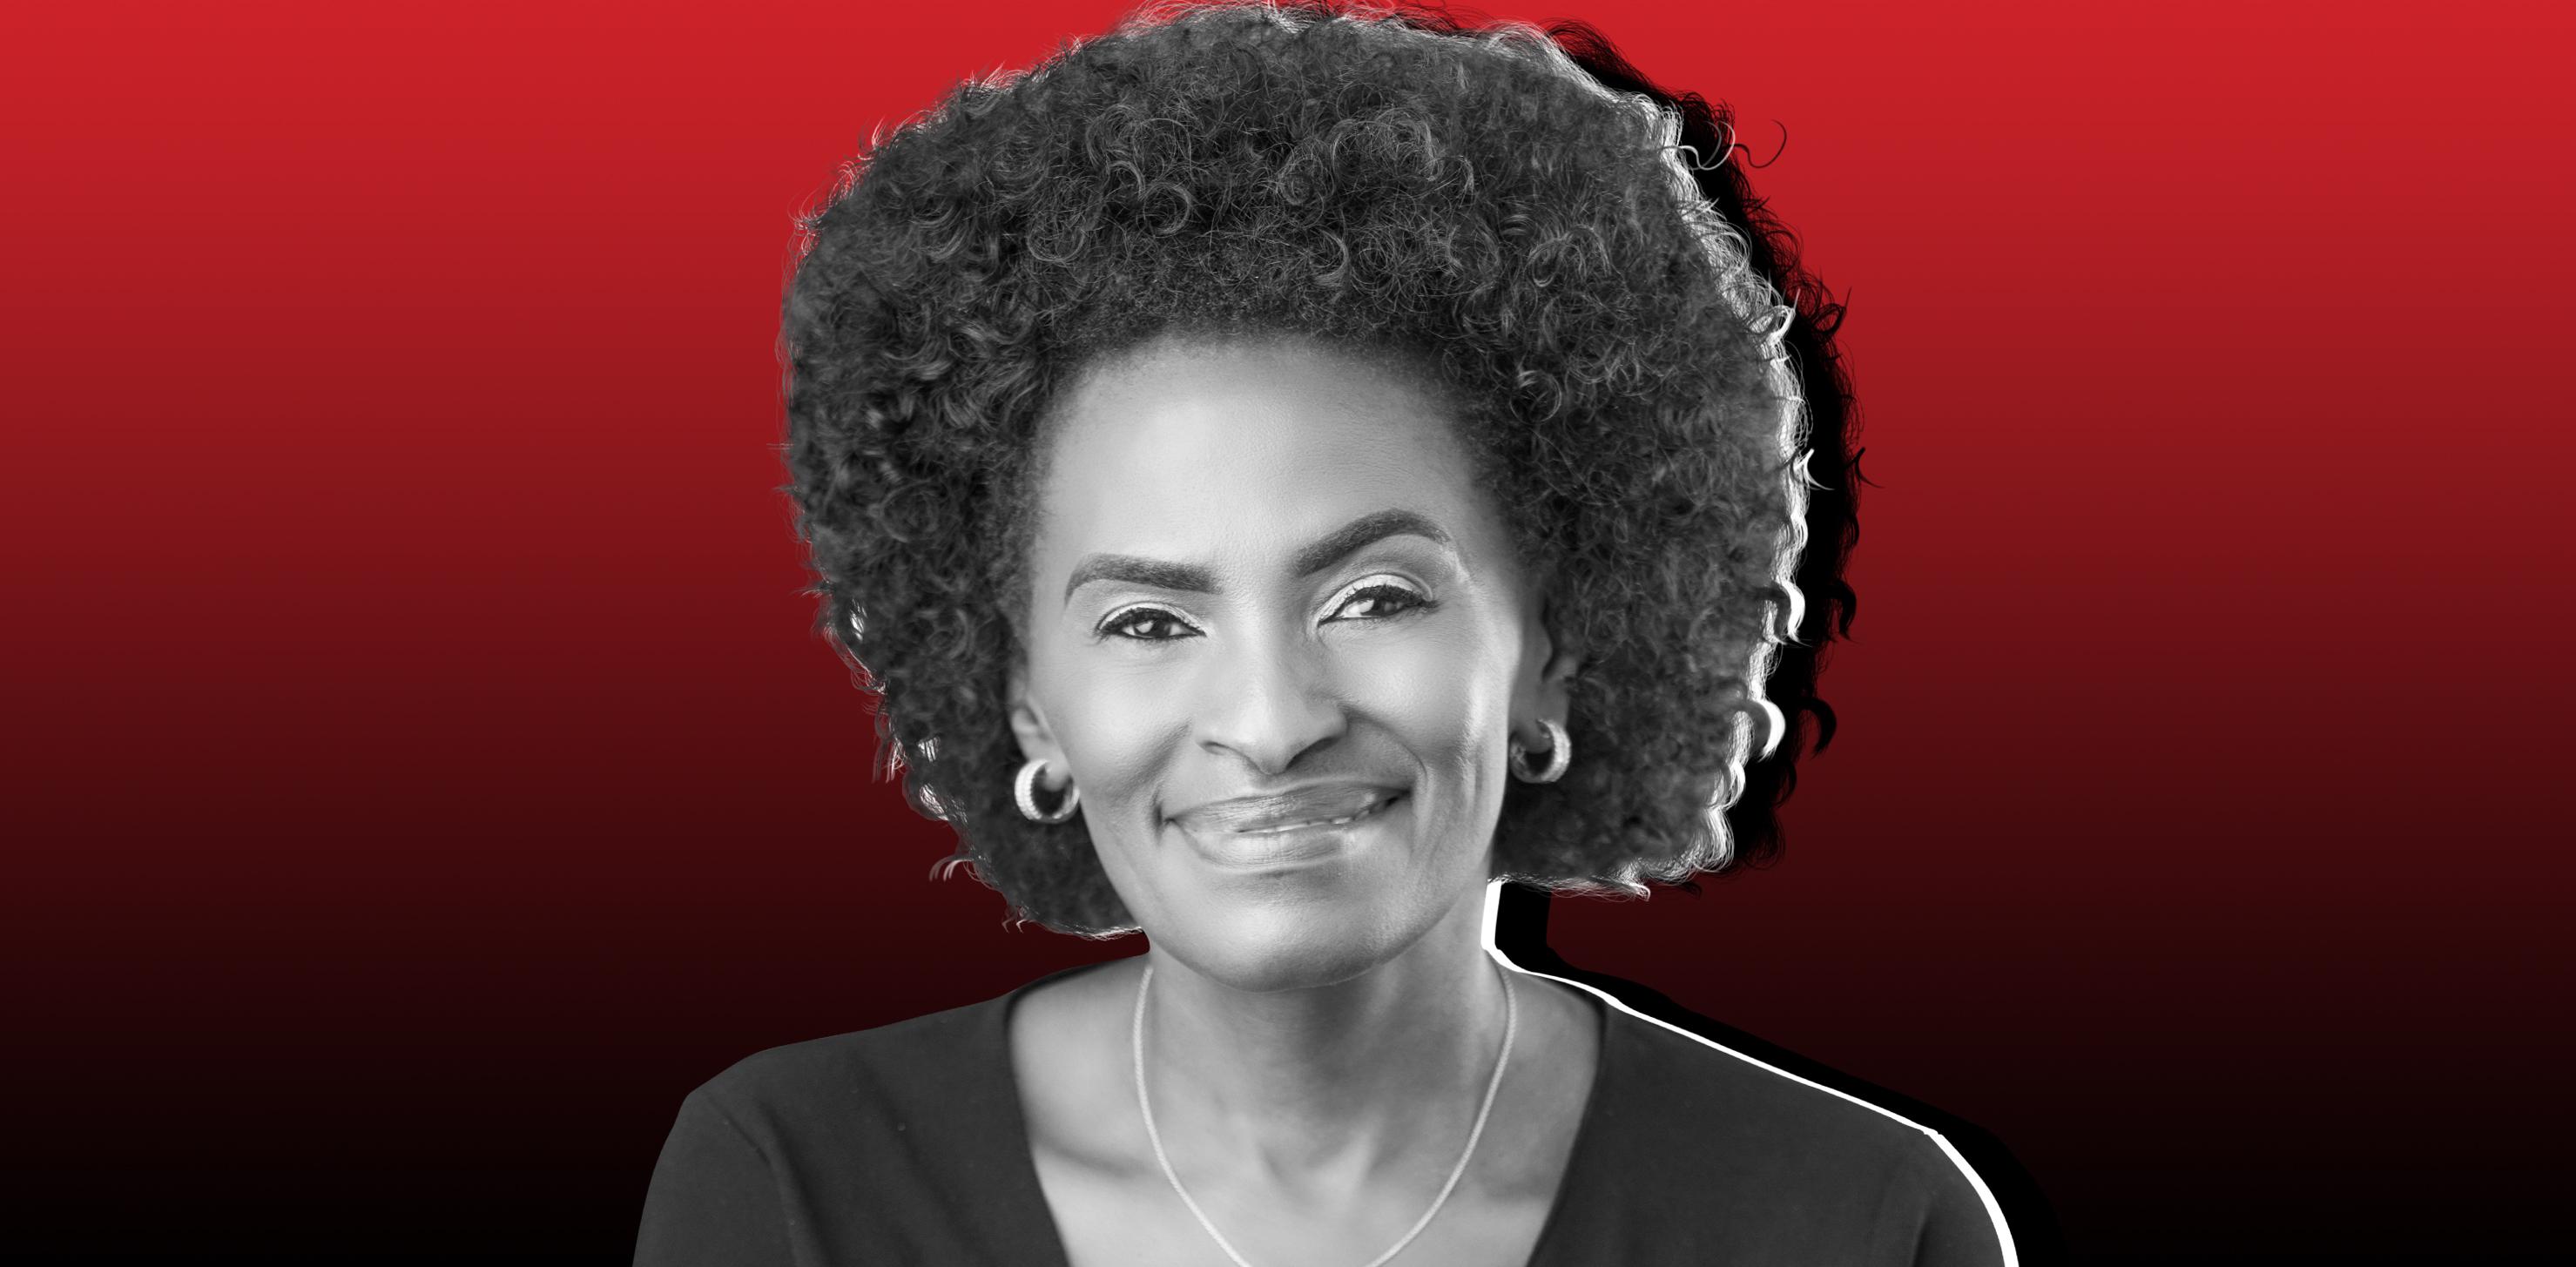 IMPW 2019. 48. Nunu Ntshingila